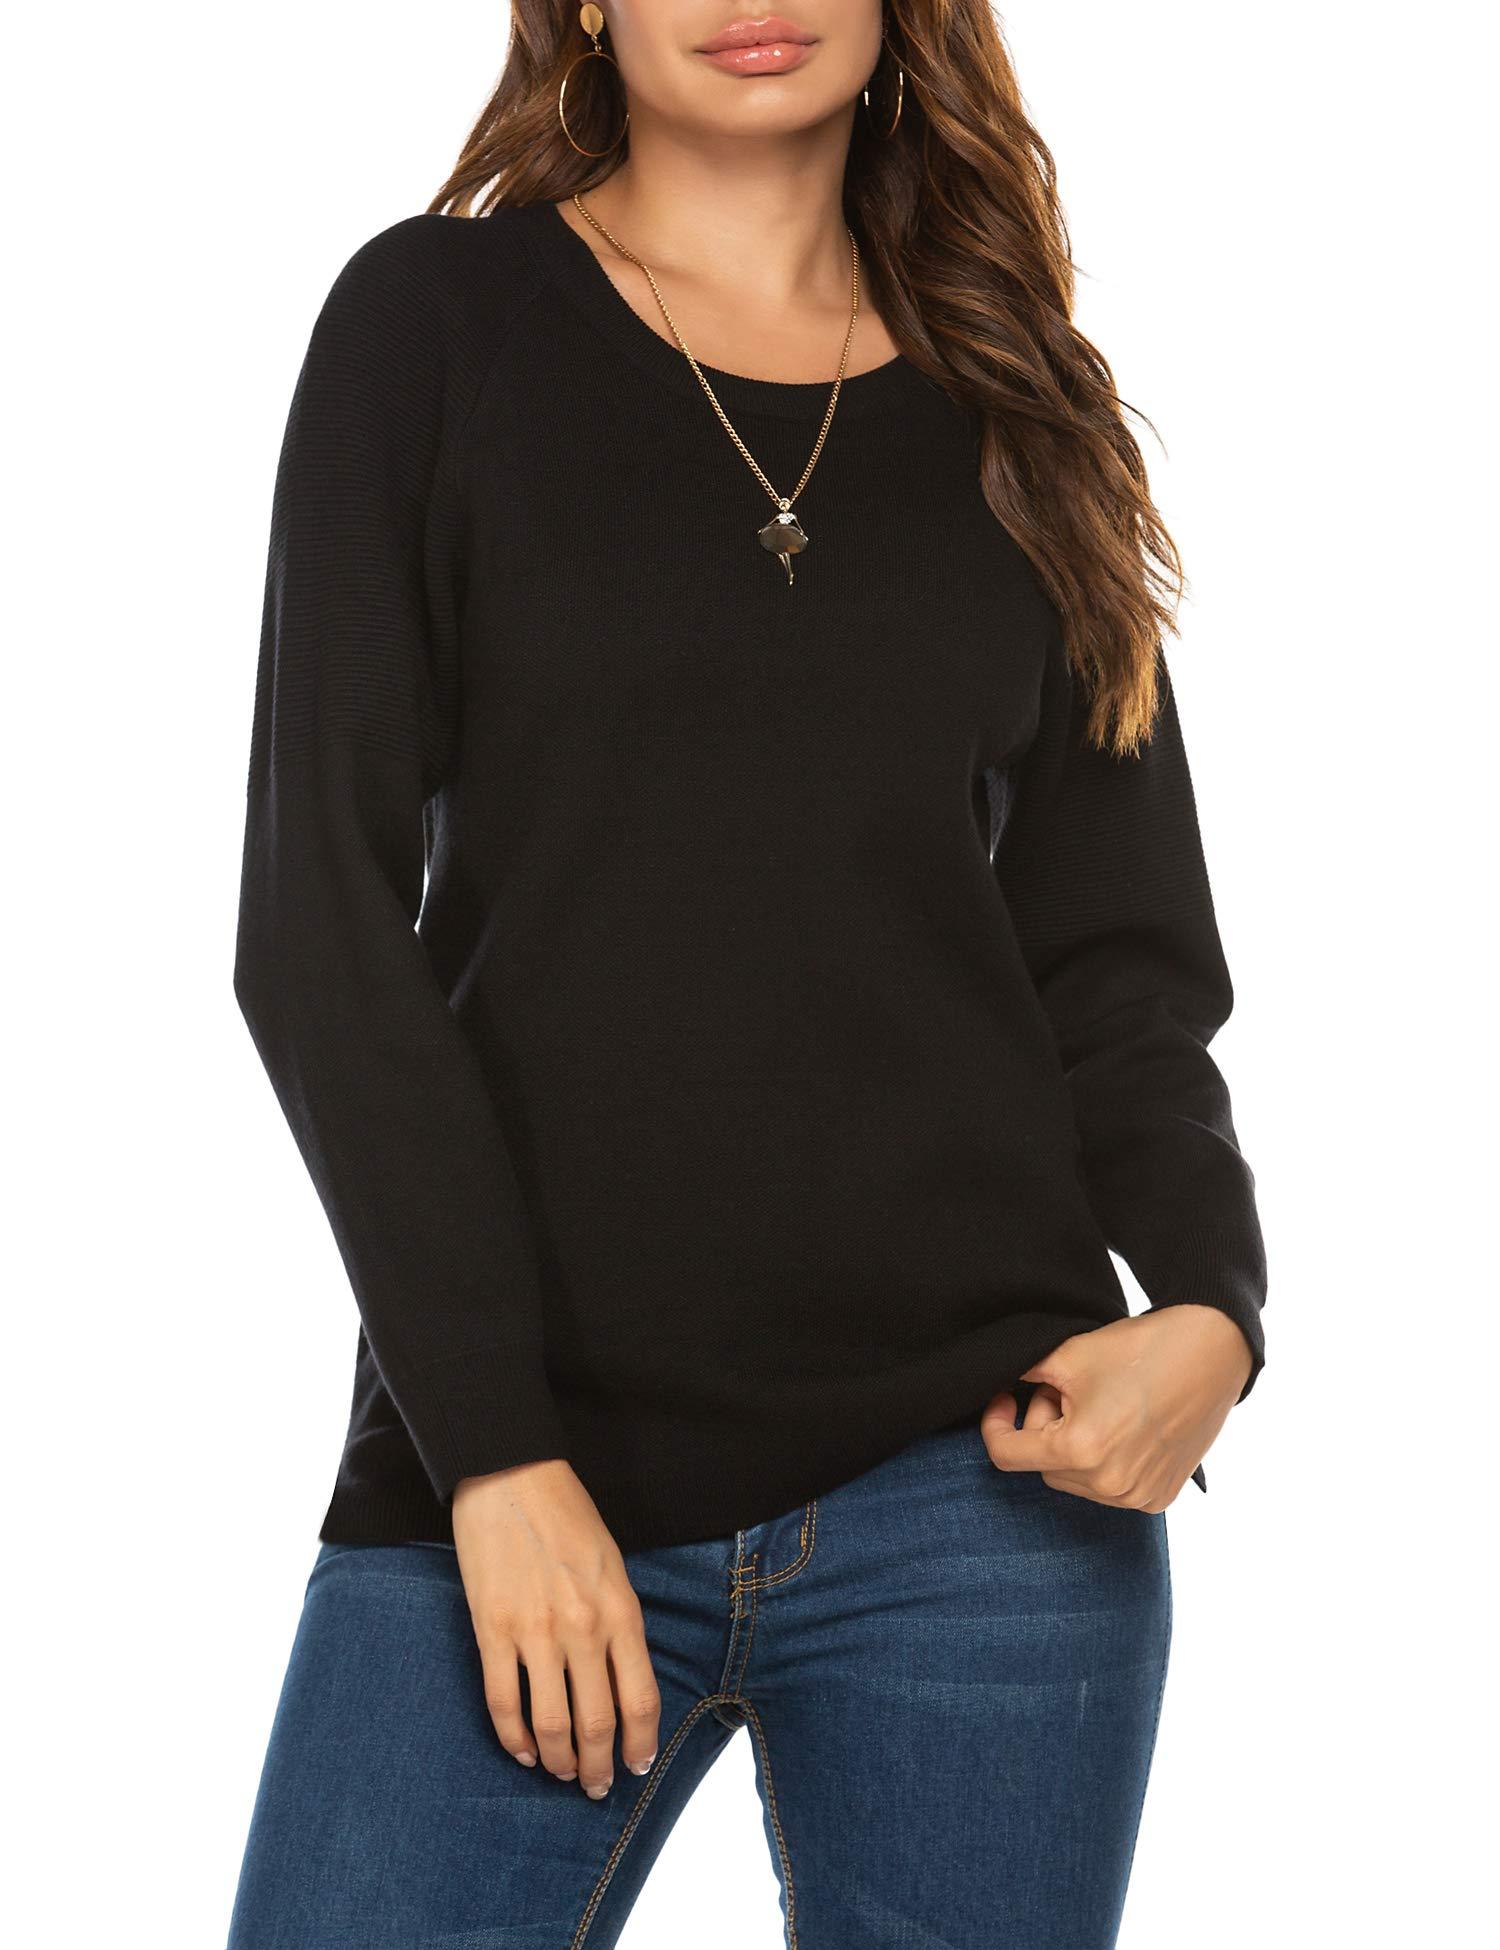 Ekouaer Pullover Sweaters for Women Long Sleeve Side Split Hi-Low Sweater Tops